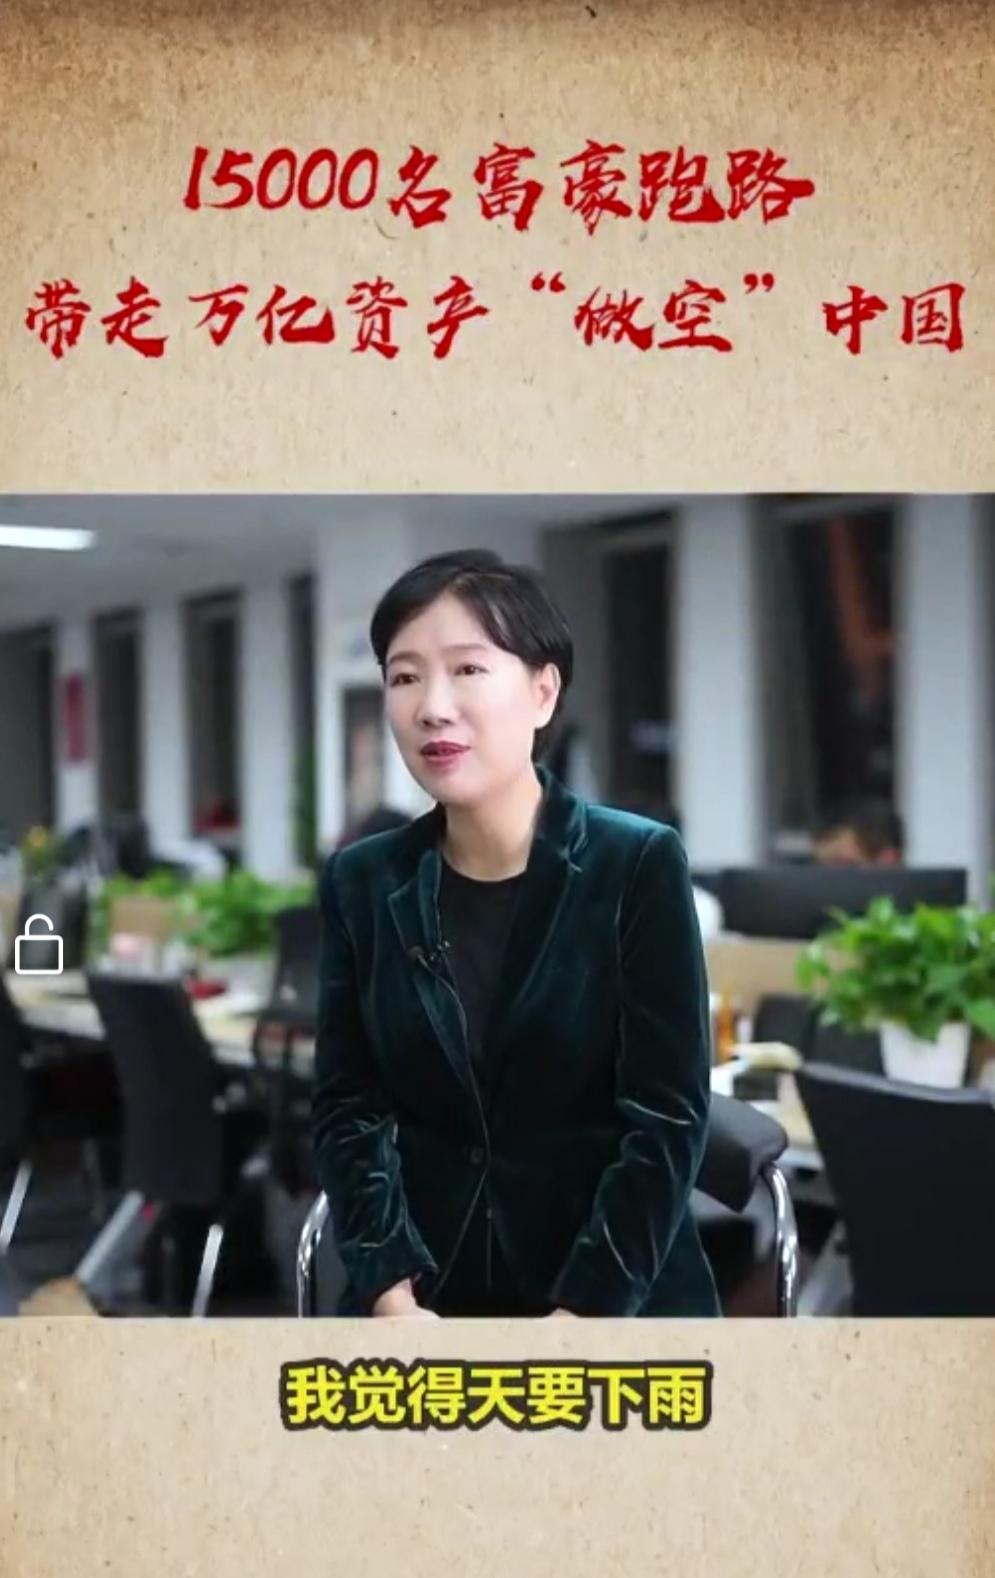 """15000名富豪跑路,带走万亿资产""""做空""""中国"""